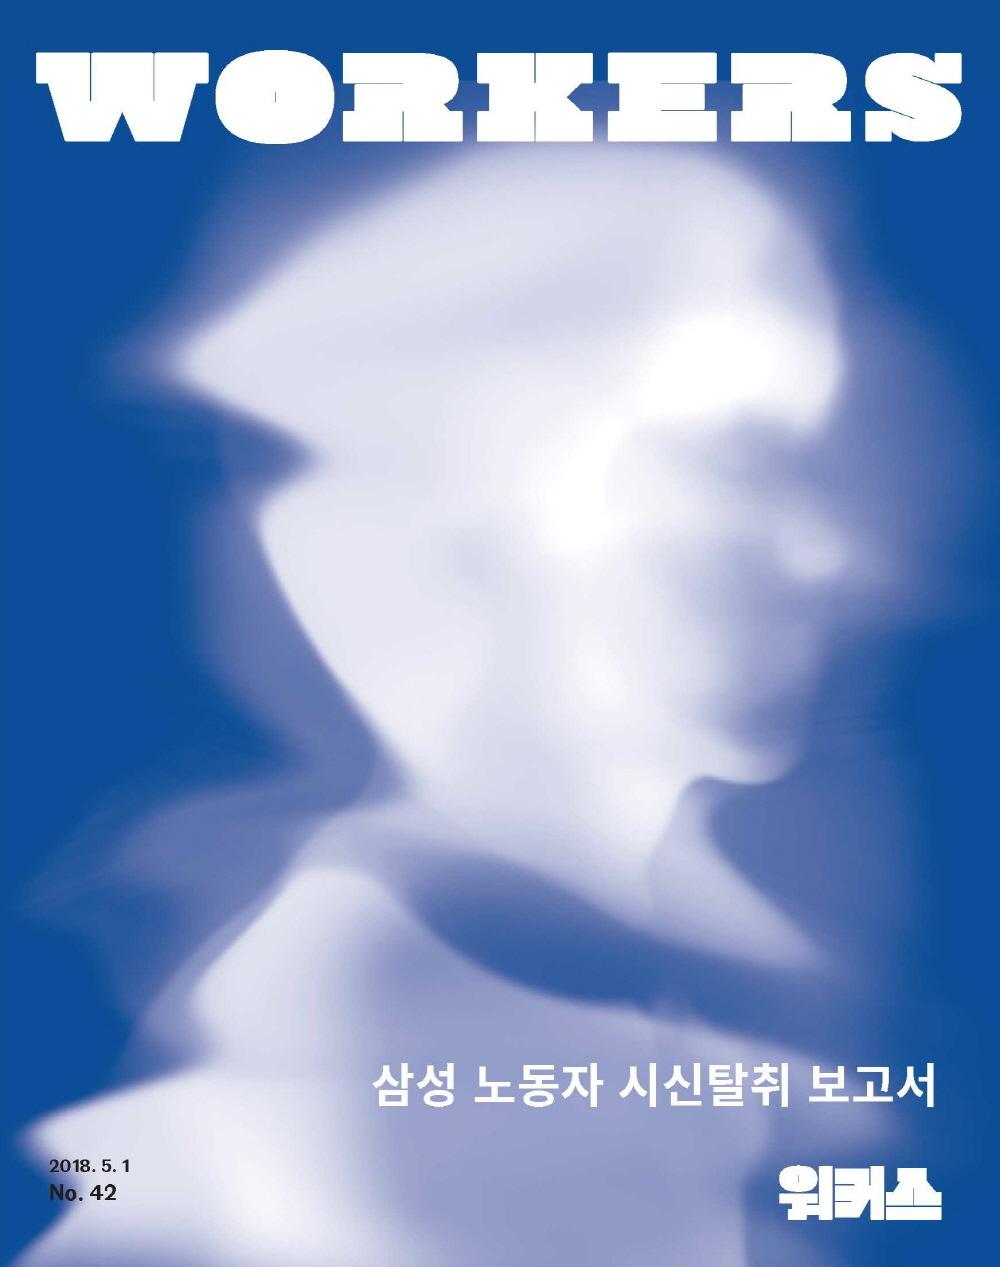 디자인. 손혜인